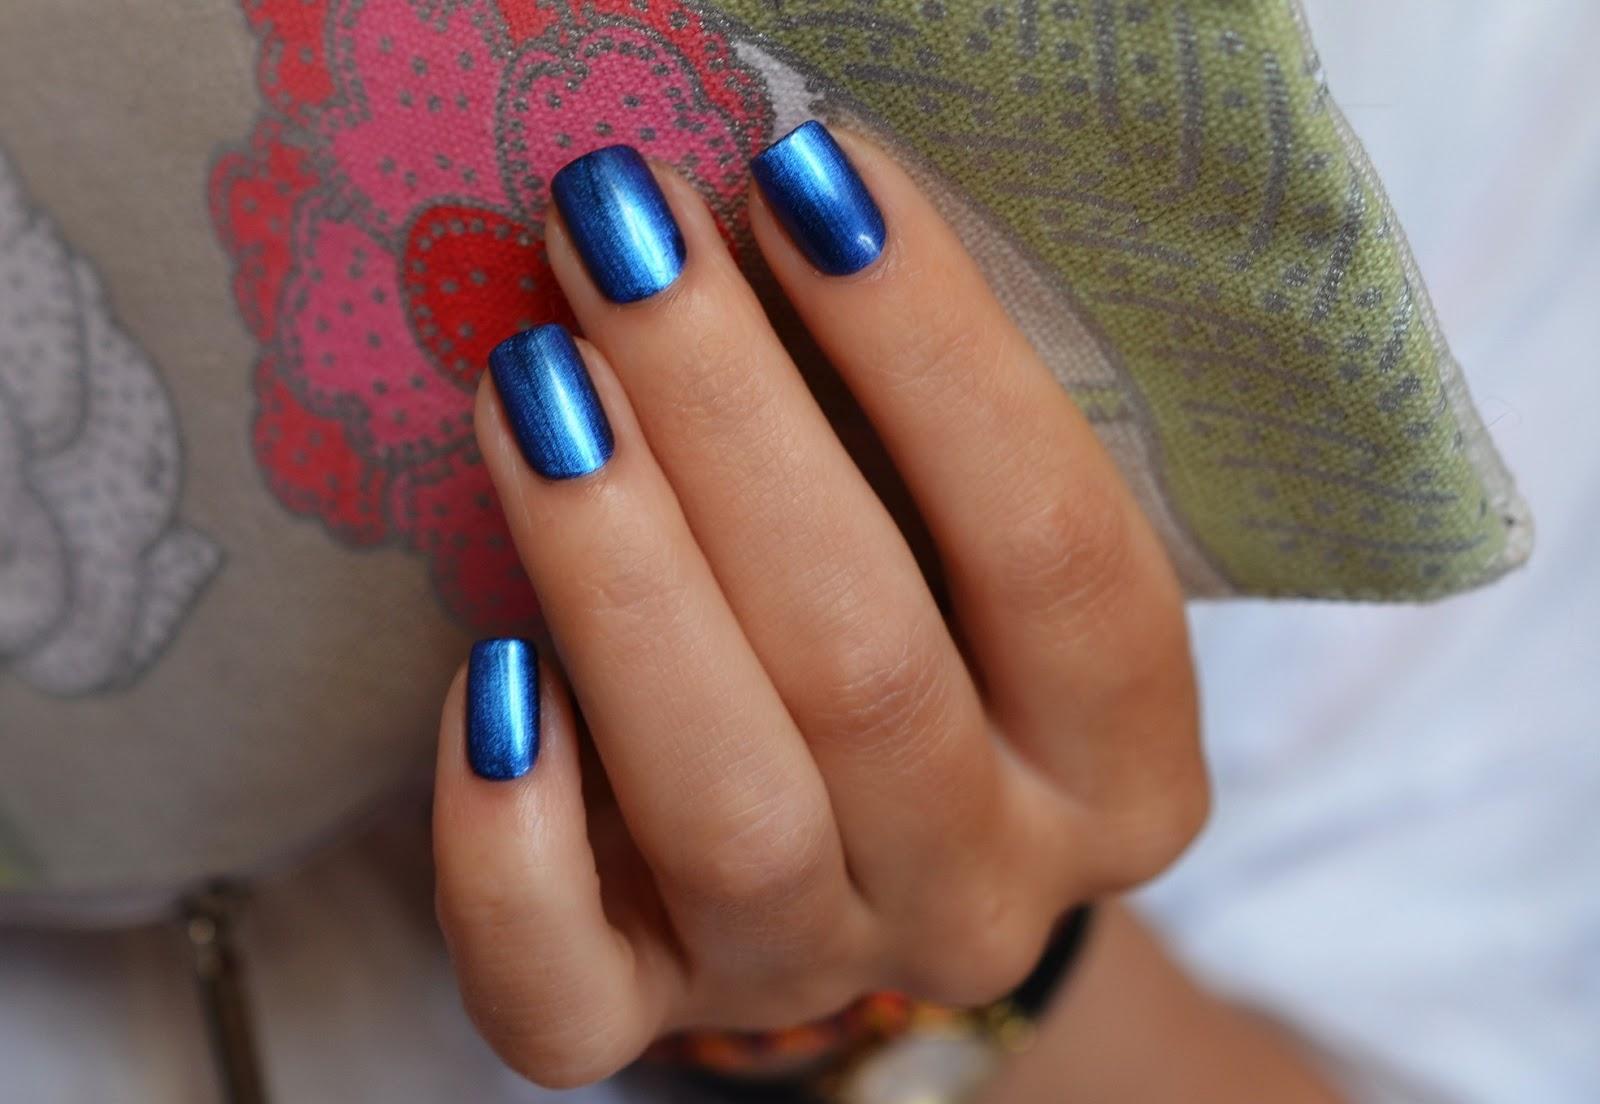 Рука в щелке 18 фотография